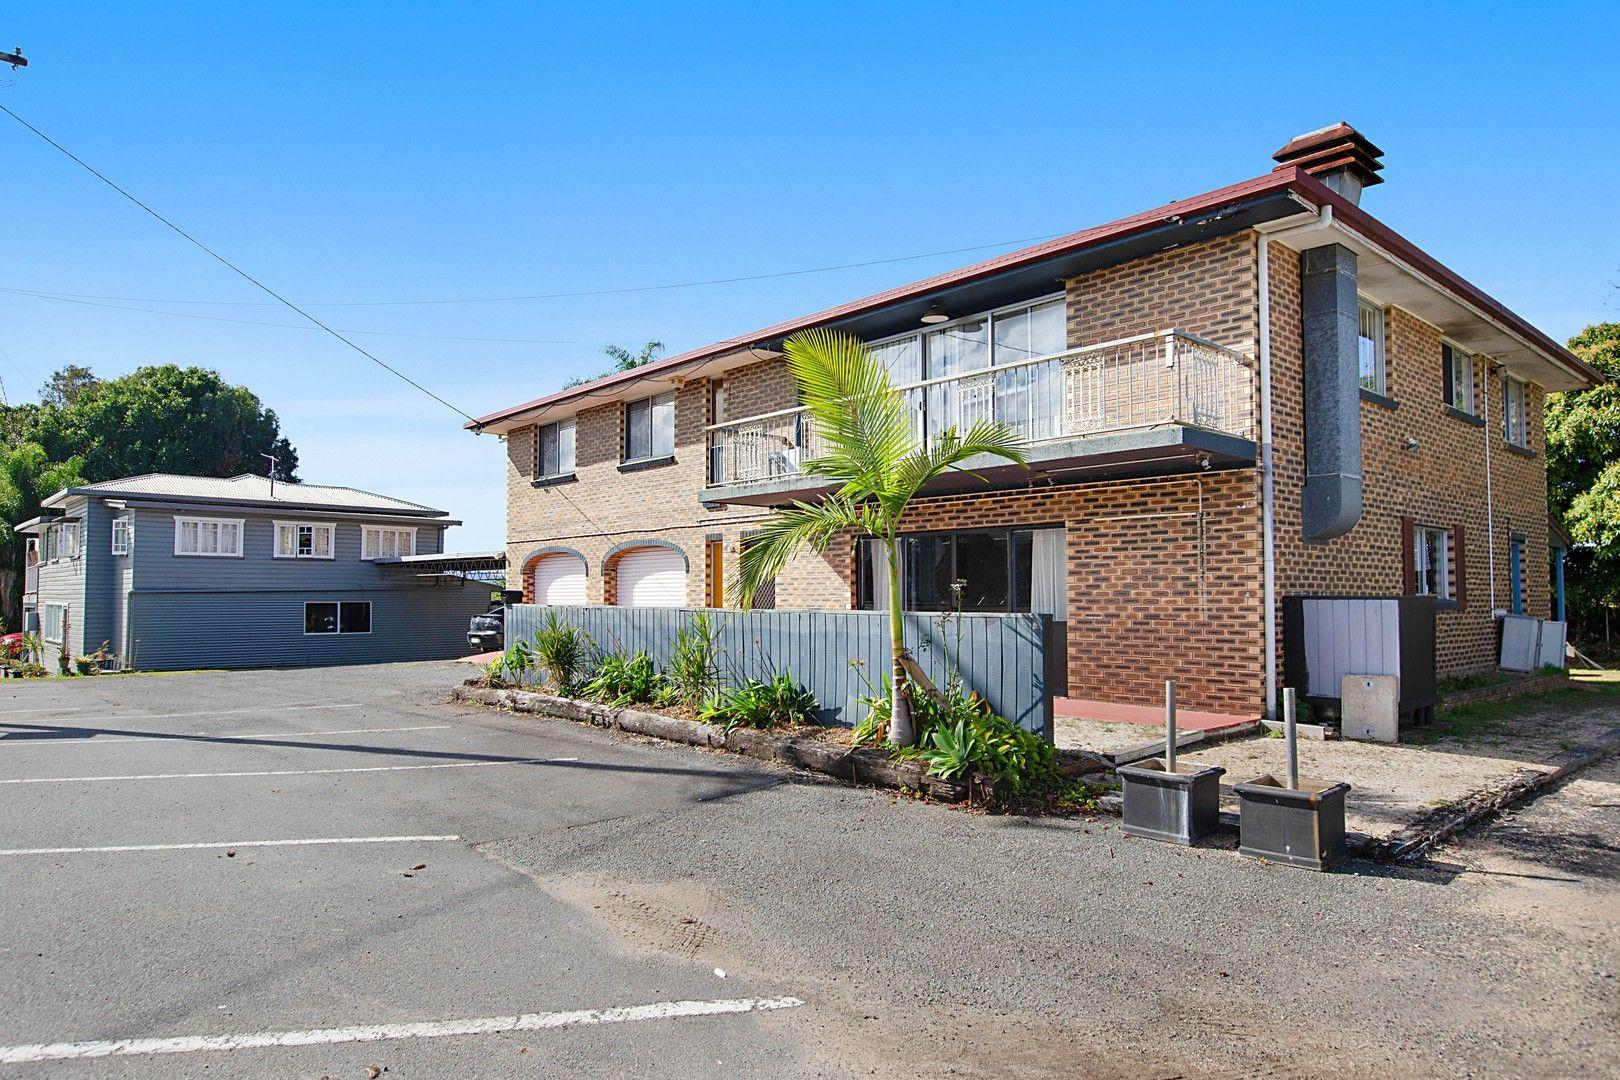 416 Tweed Valley Way, South Murwillumbah NSW 2484, Image 0